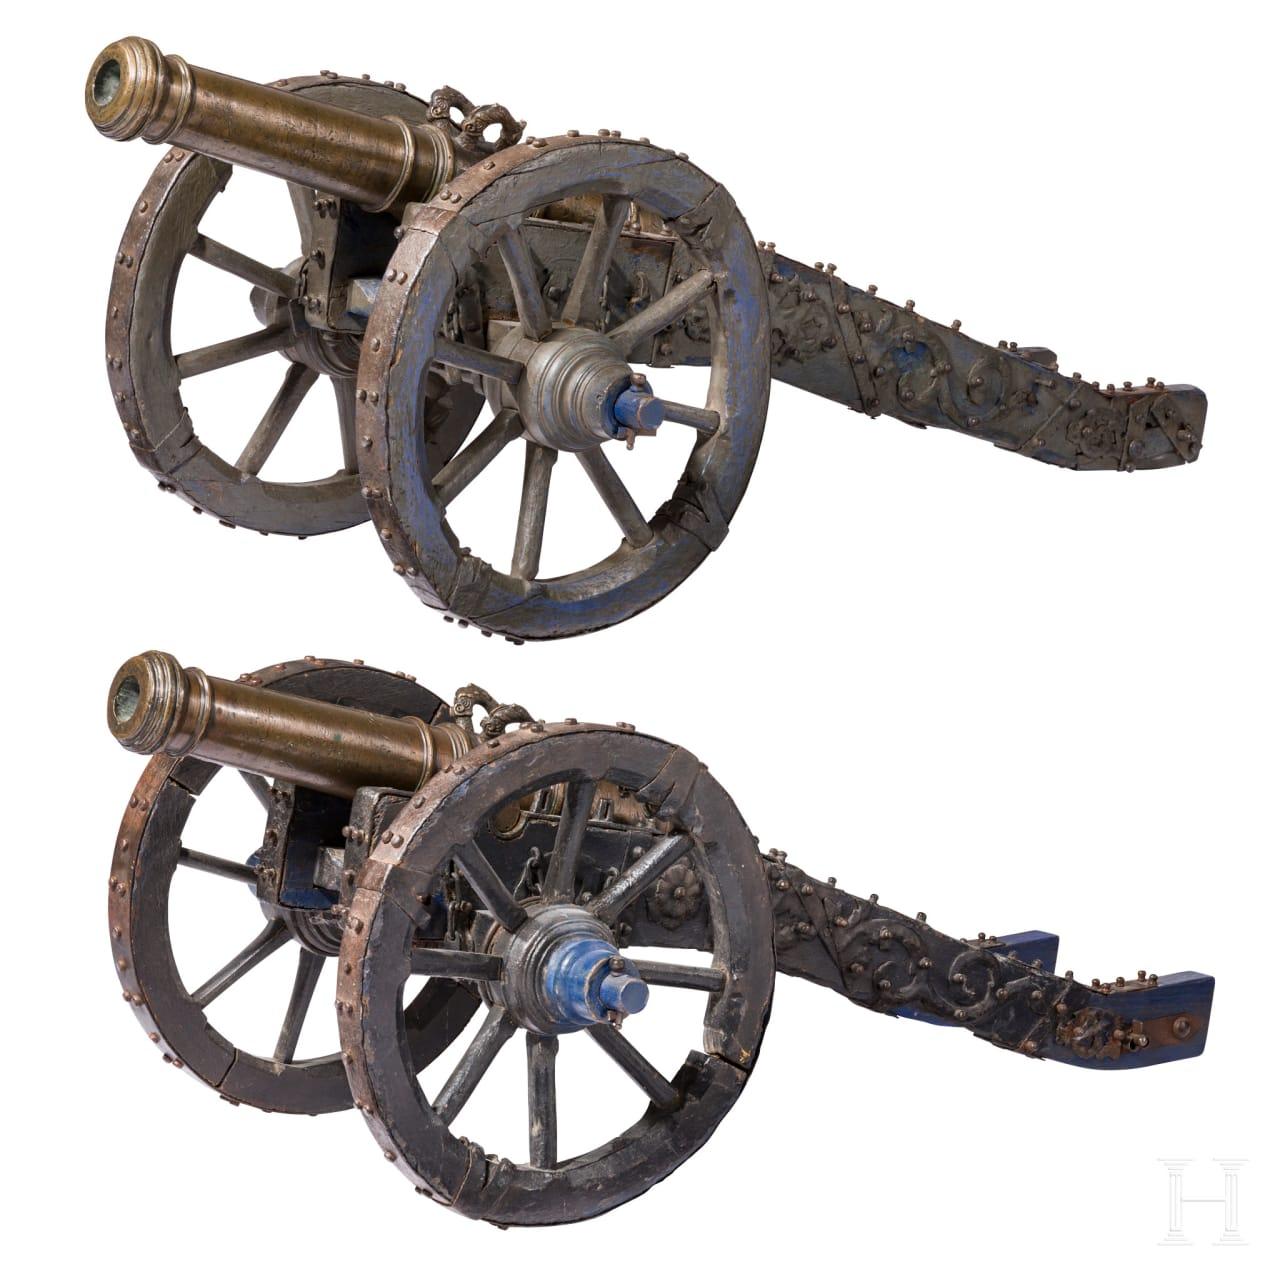 Ein Paar kleine Geschütze aus adeligem Besitz, deutsch, datiert 1707